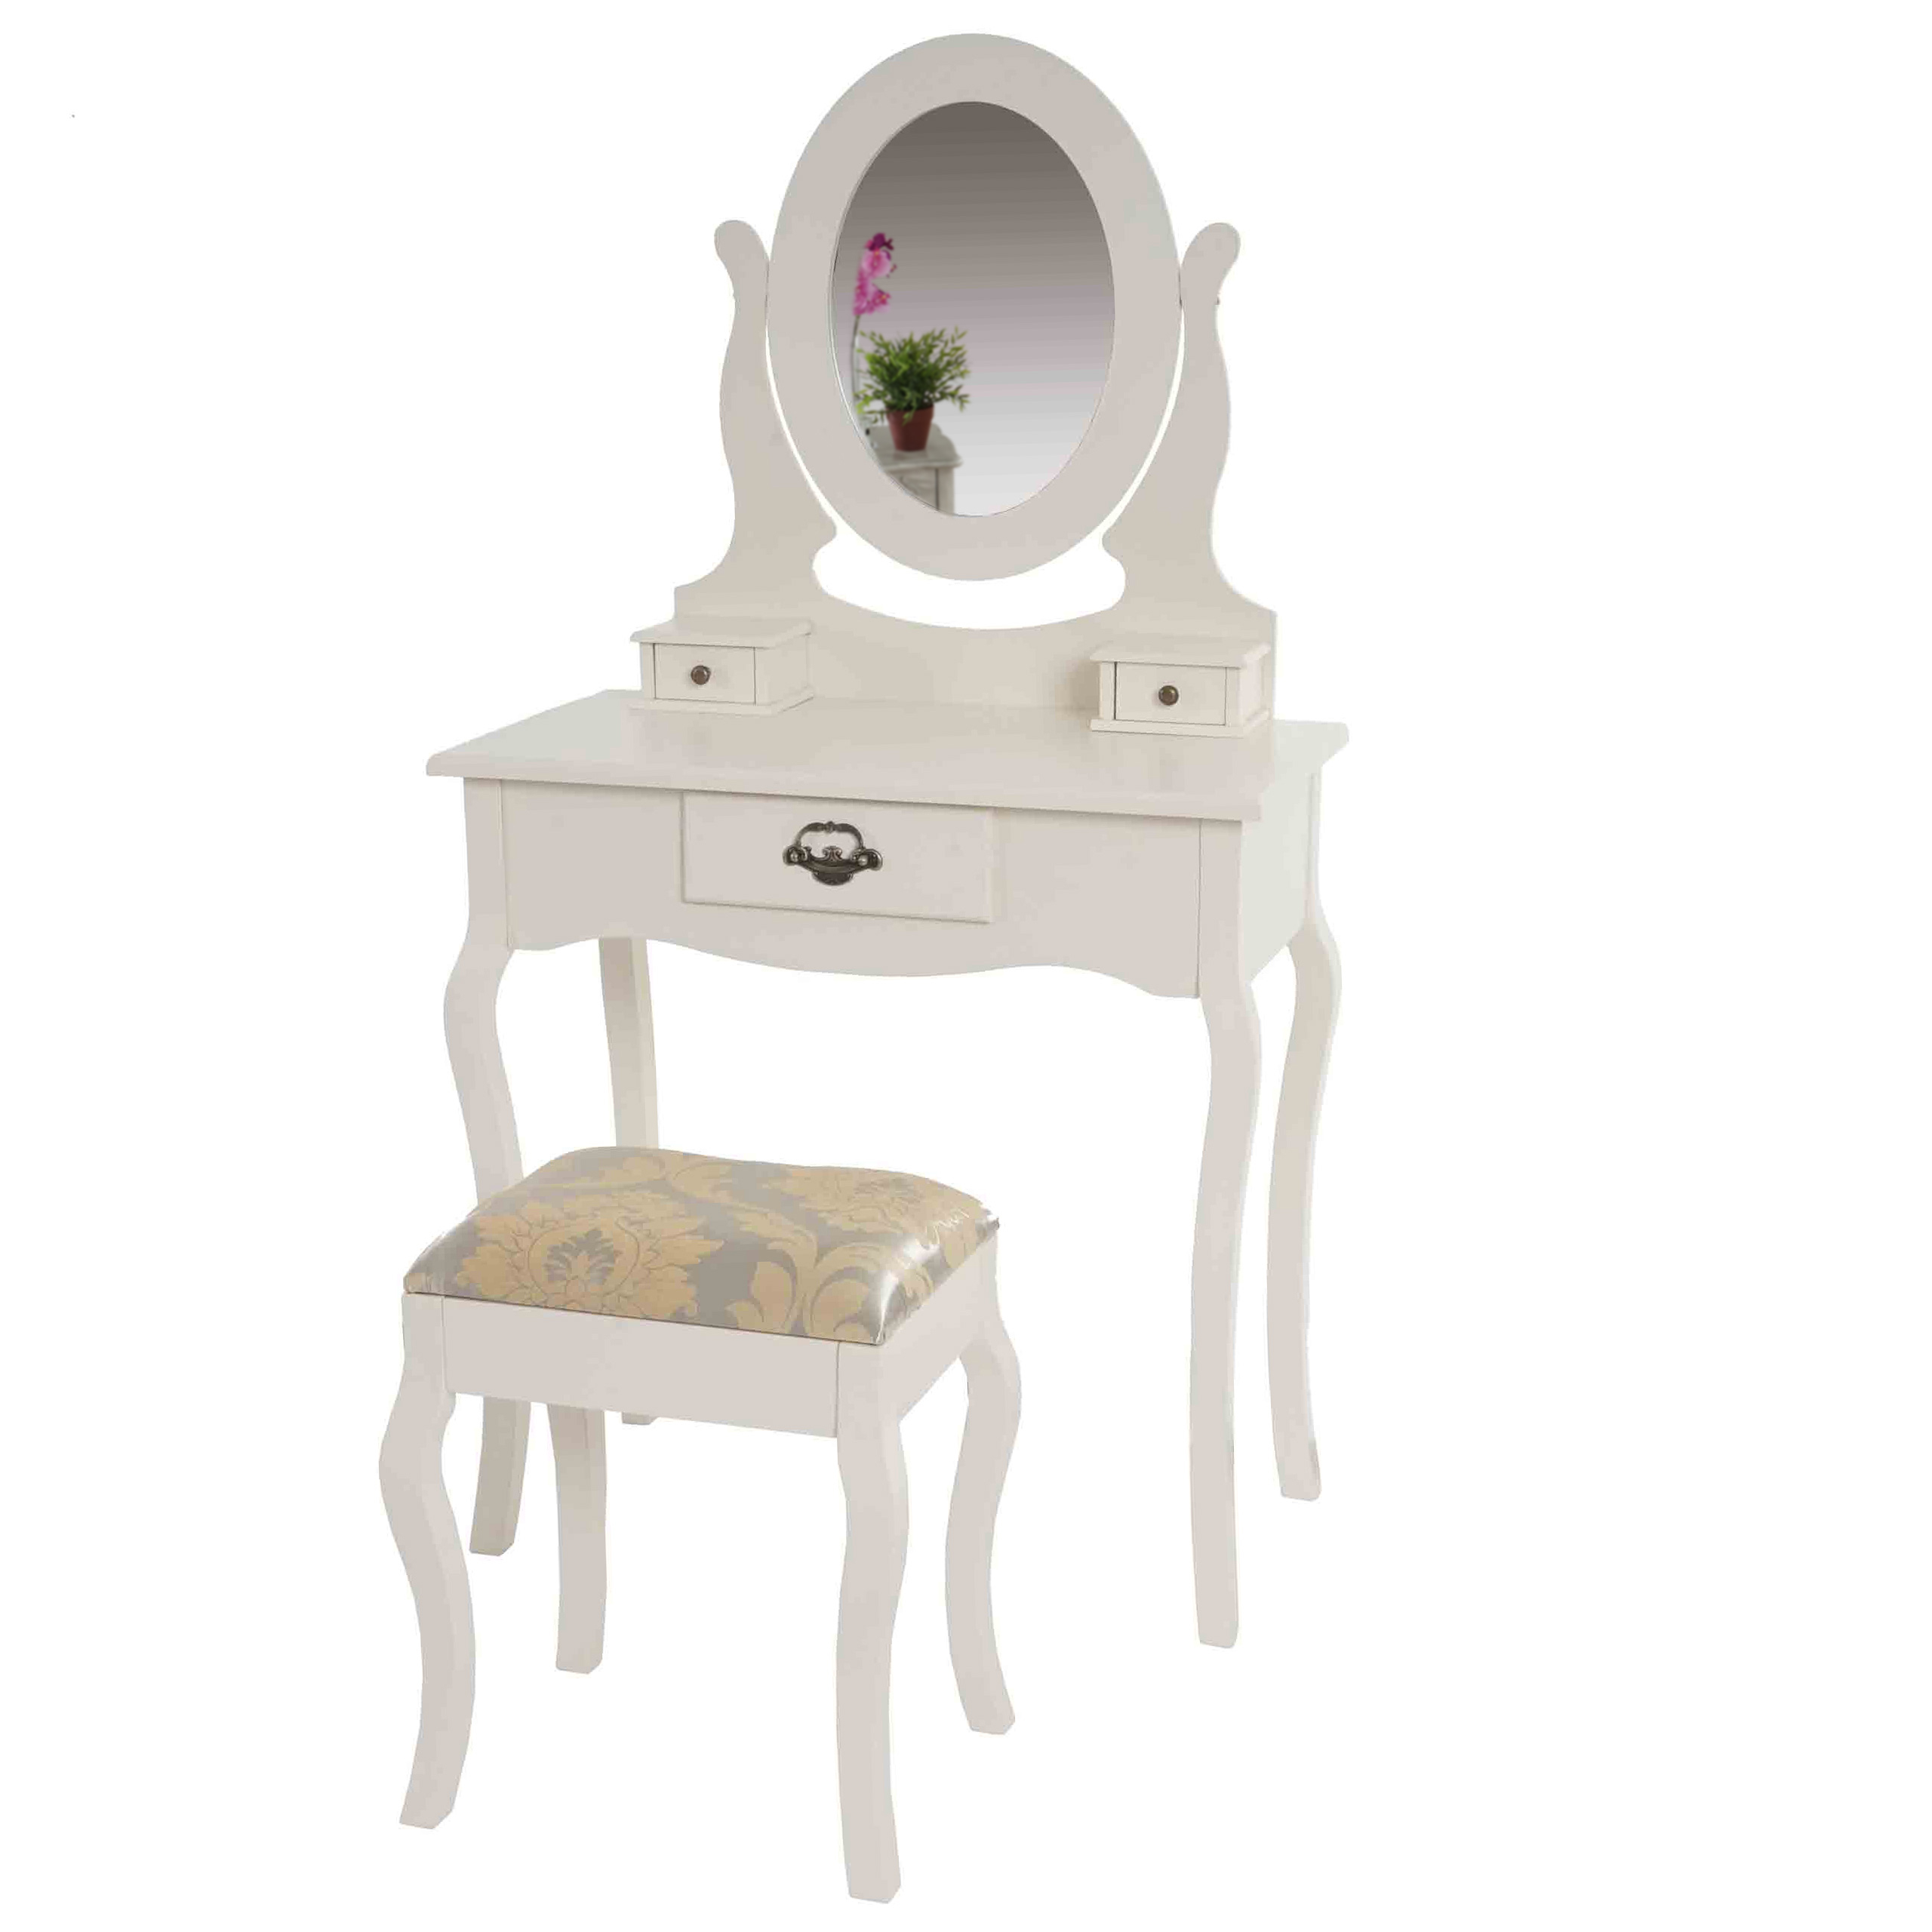 schminktisch valence h433 frisiertisch mit hocker barock. Black Bedroom Furniture Sets. Home Design Ideas